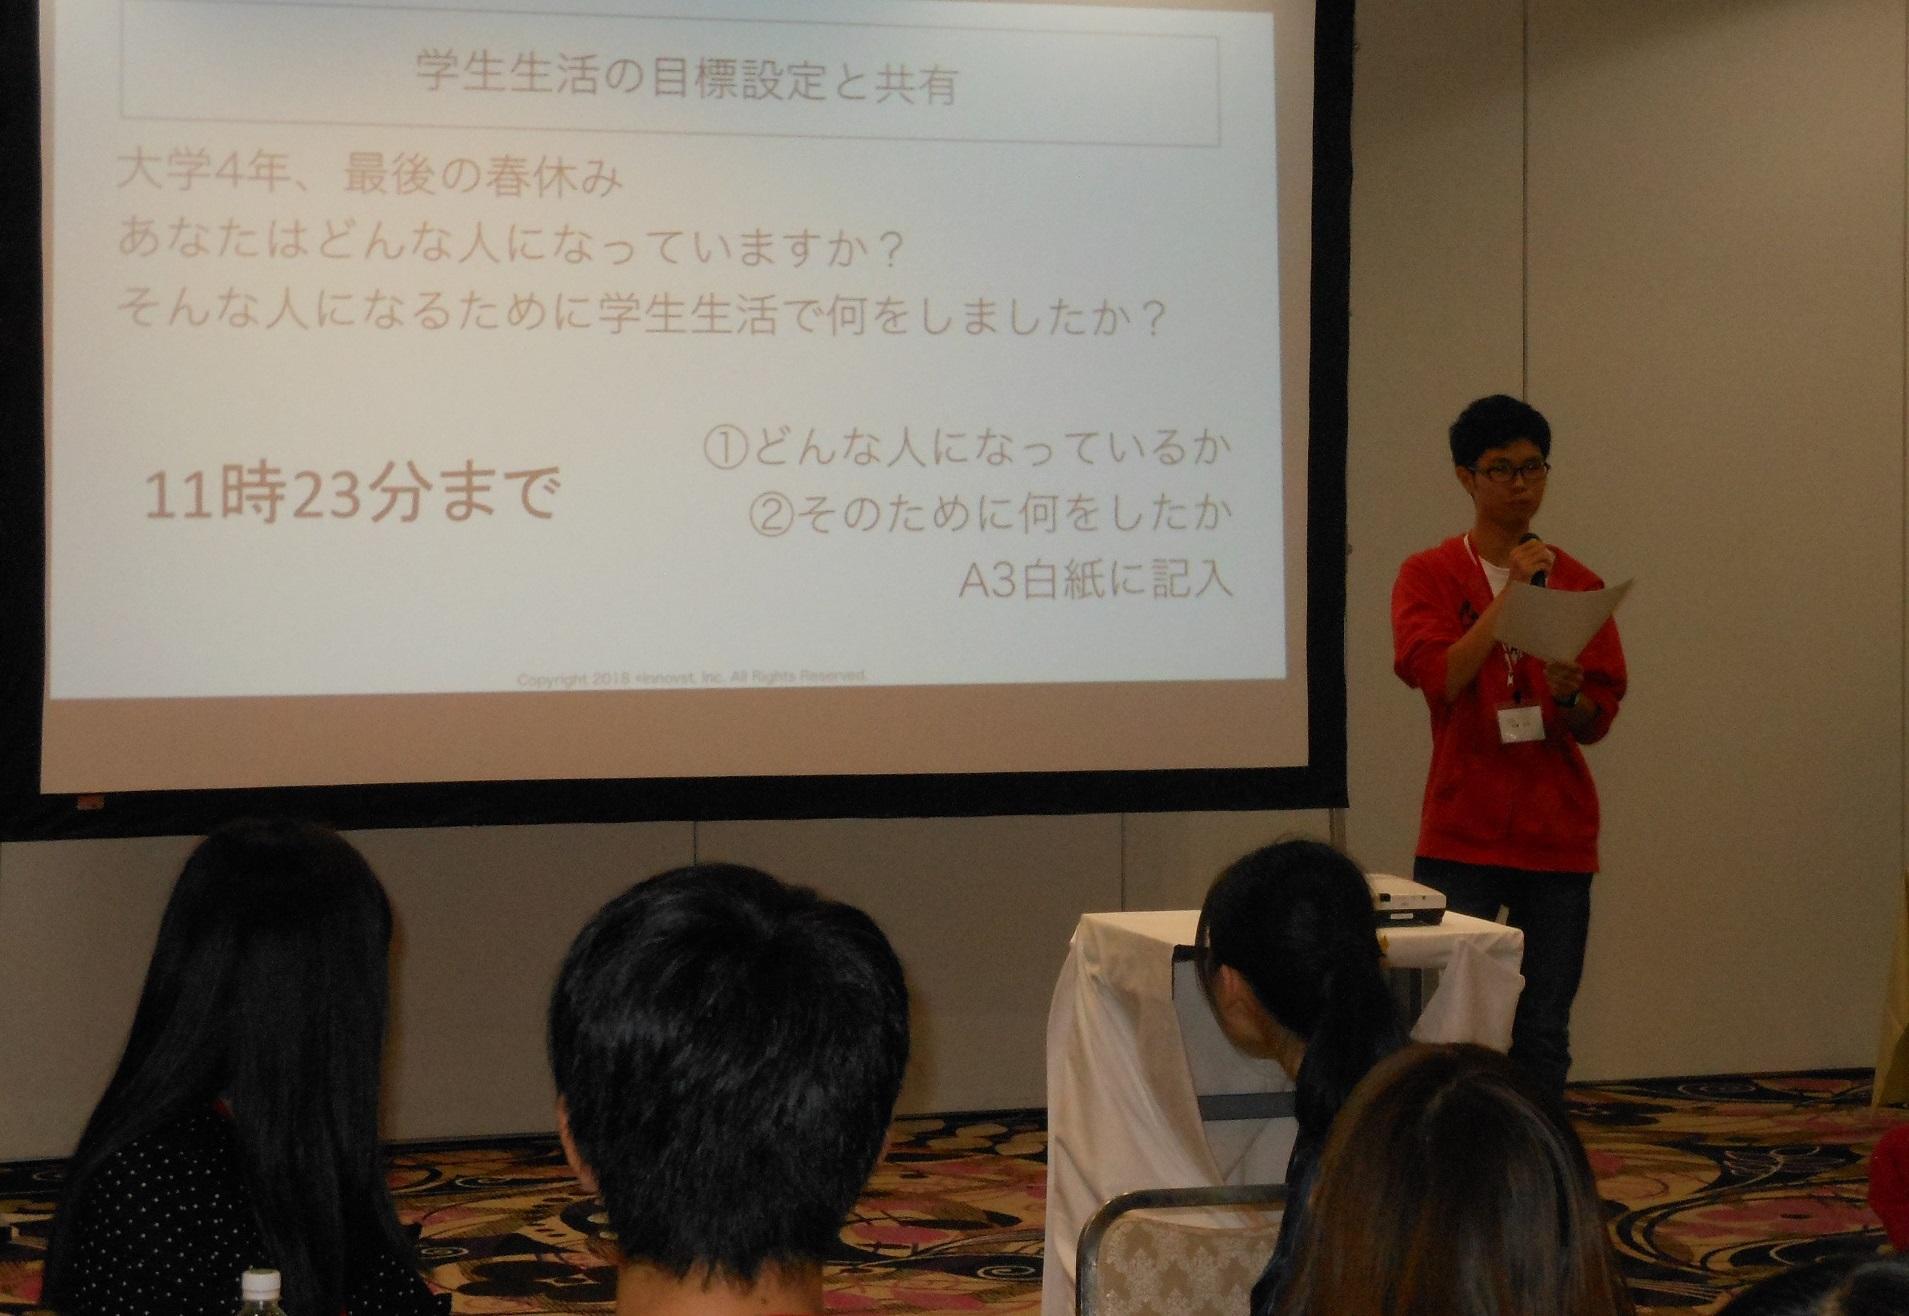 発表する学生